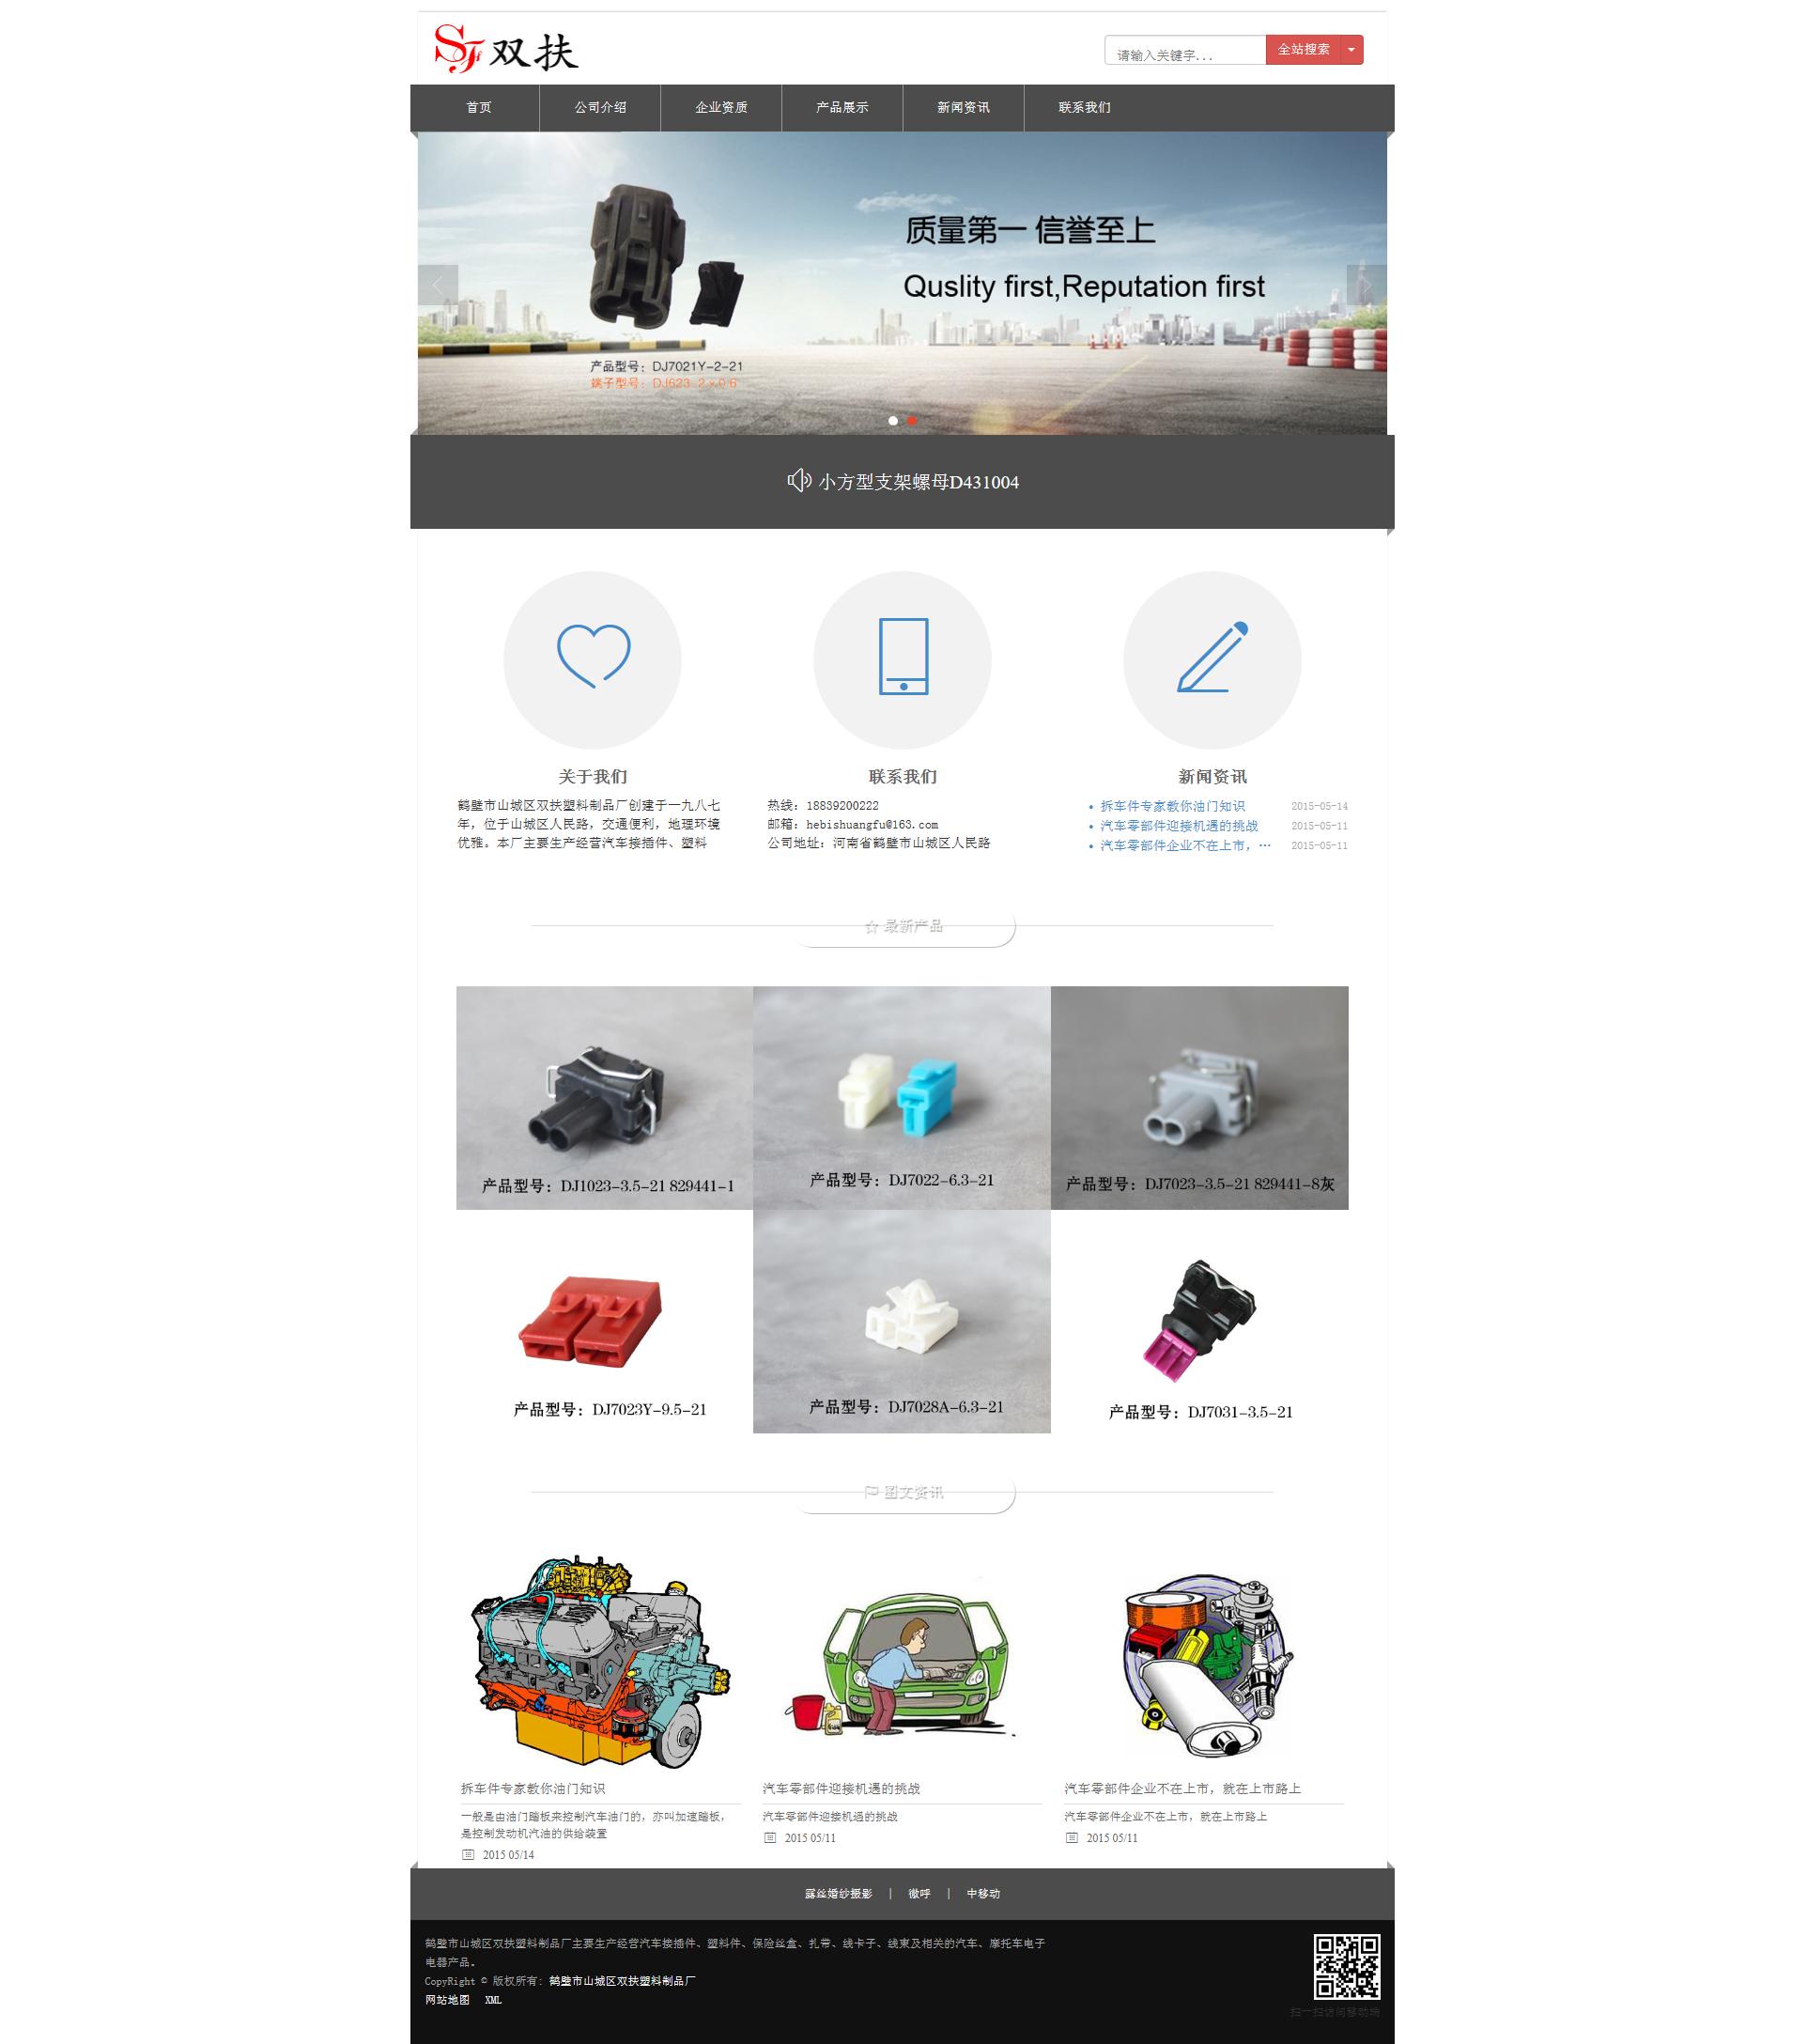 鹤壁市山城区双扶塑料制品厂.png